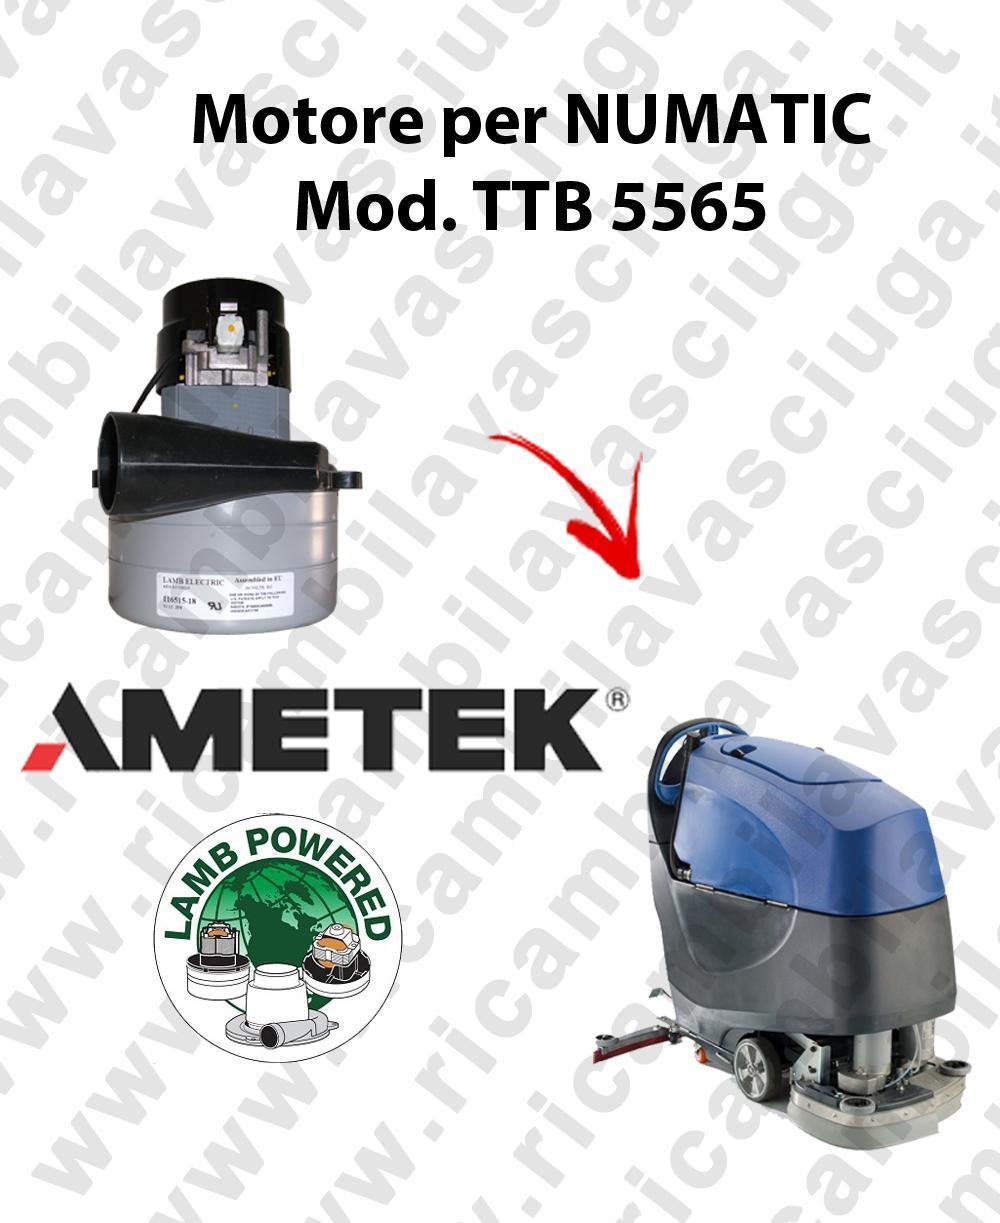 TTB 5565 moteur aspiration AMETEK autolaveuses NUMATIC